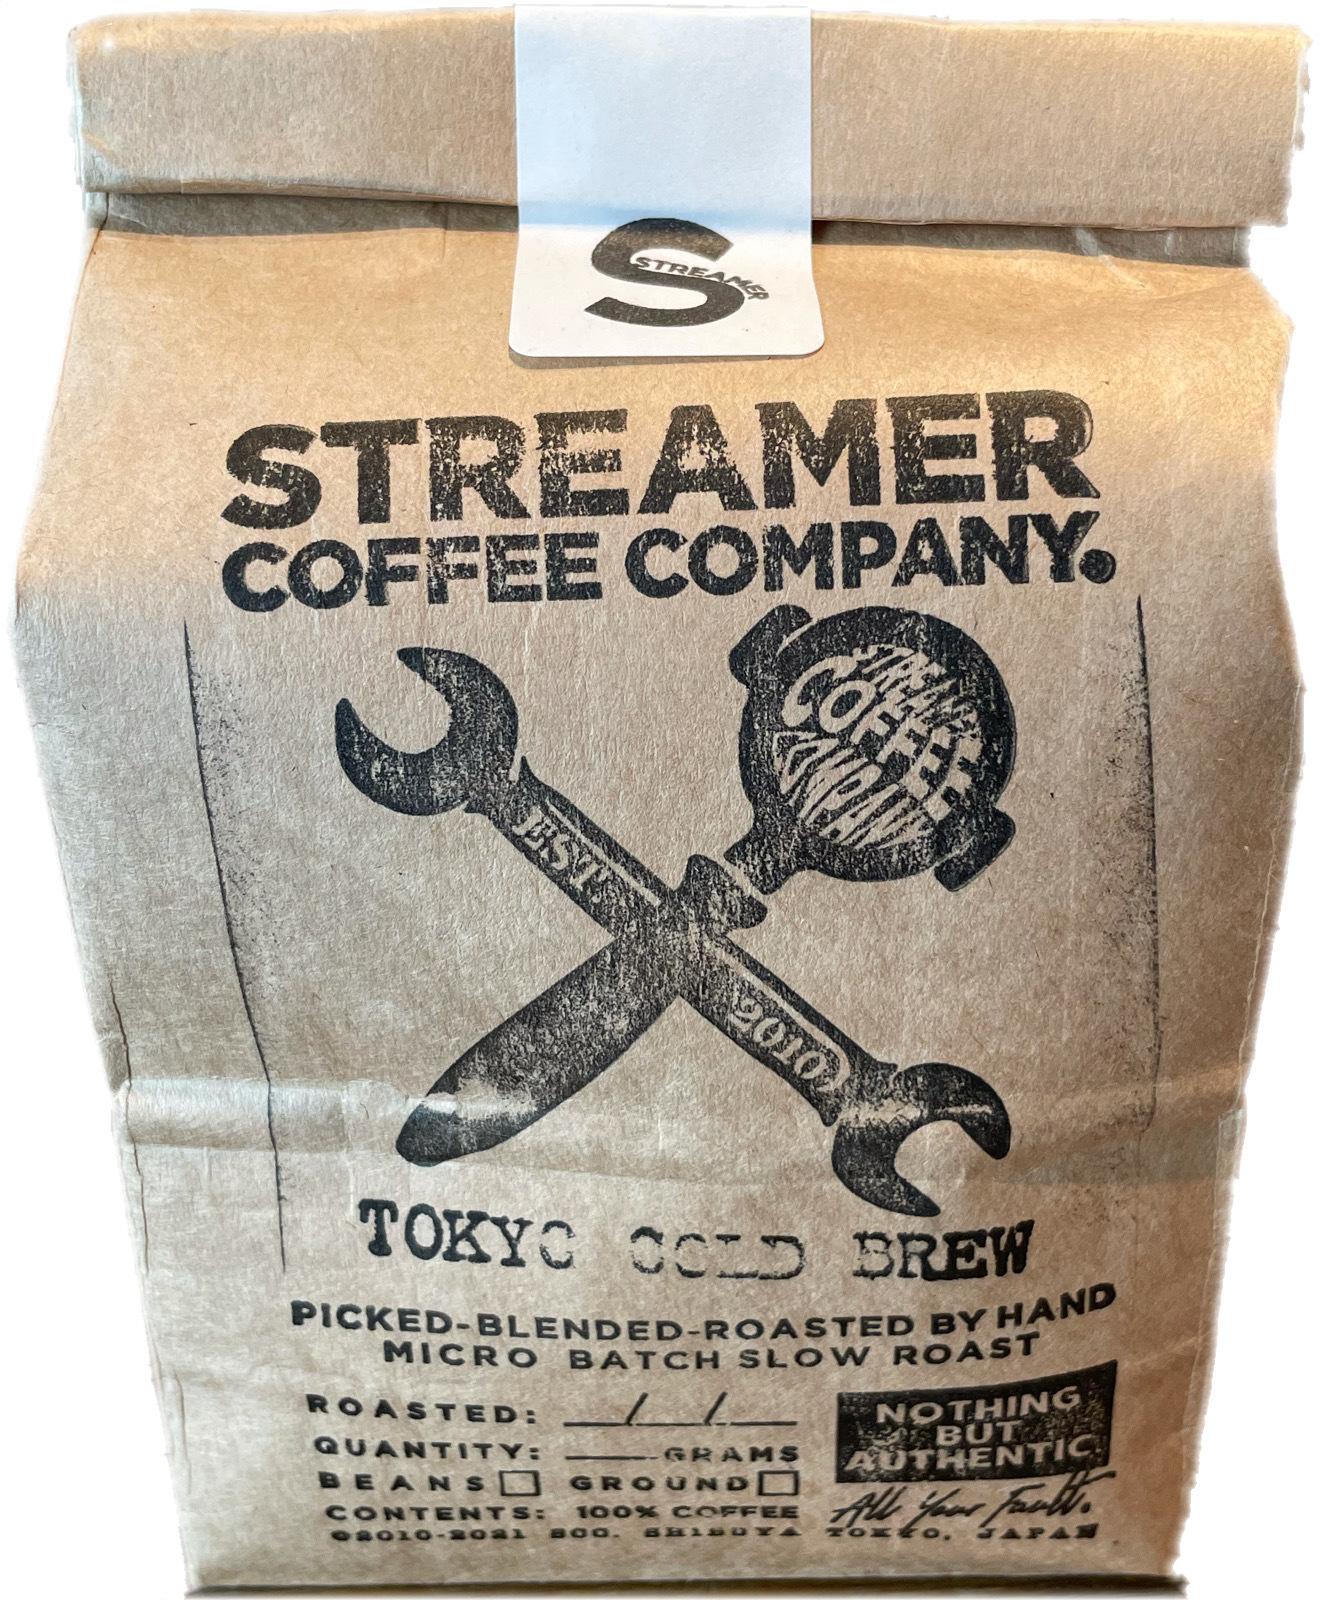 トーキョーコールドブリュー  コーヒーTOKYO COLD BREW  200g  豆のまま (エチオピア)